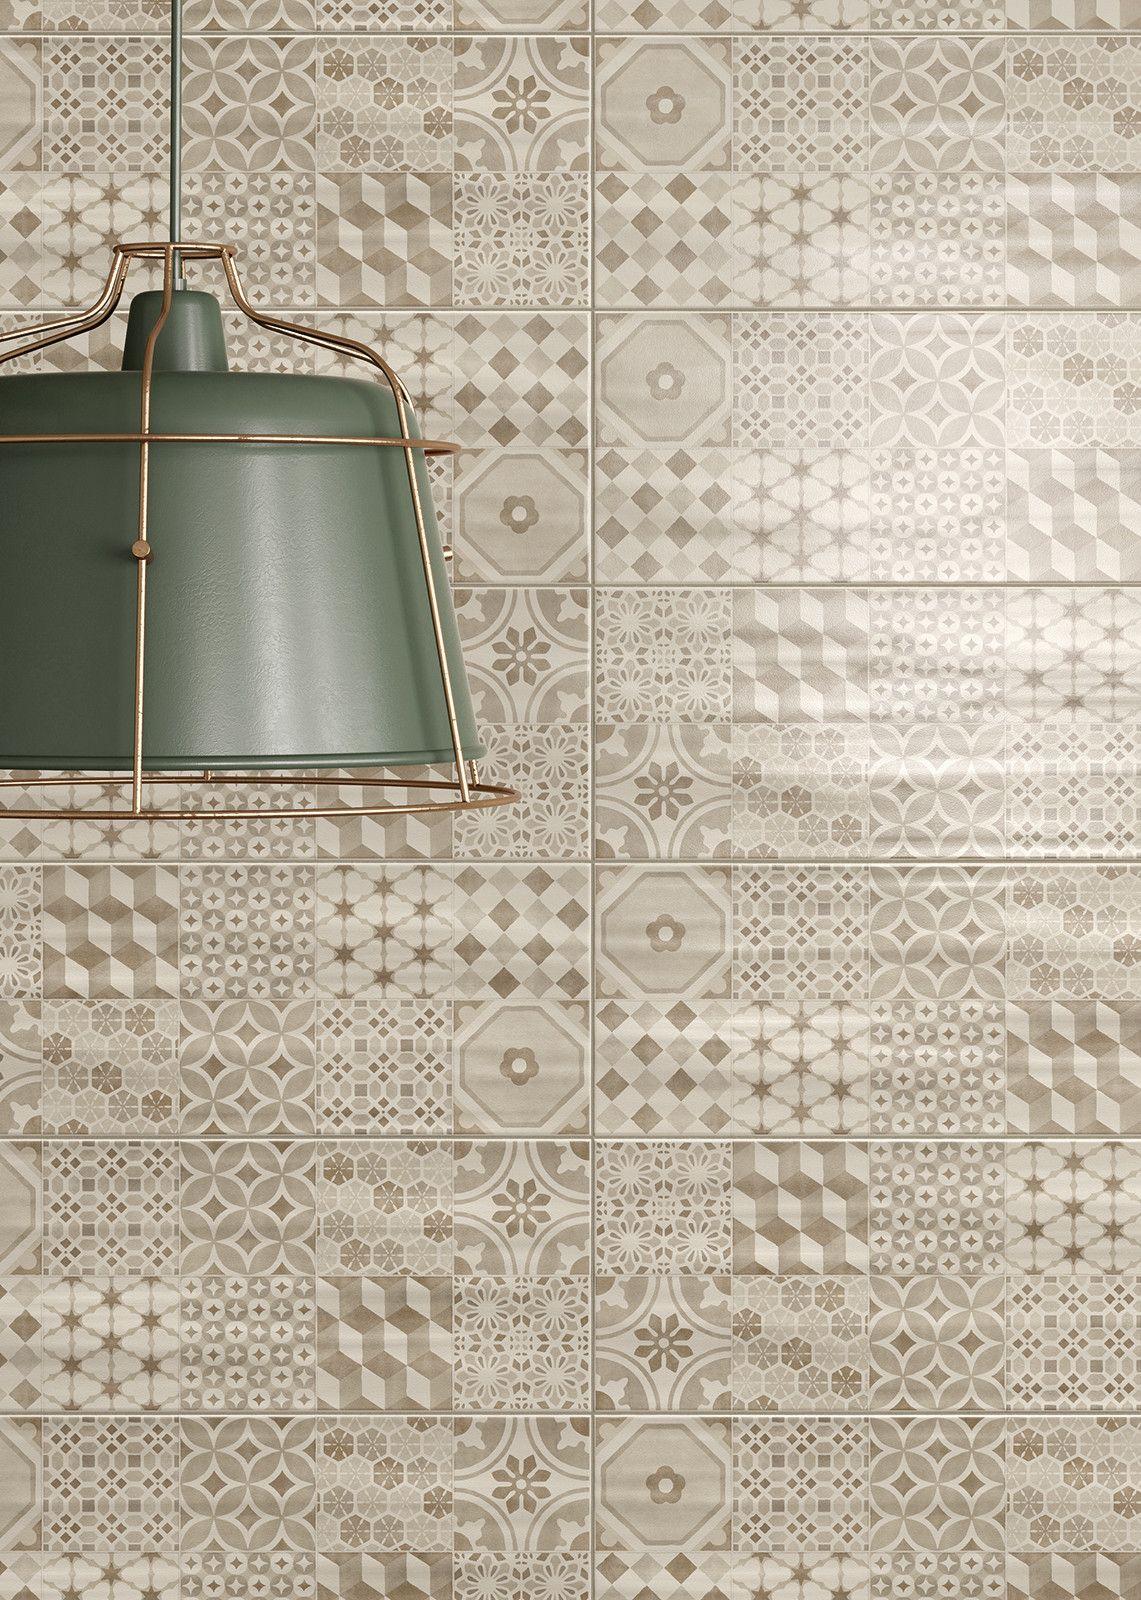 Elegant Explore Paint Ceramic Tiles, Painted Ceramics, And More! Nice Ideas